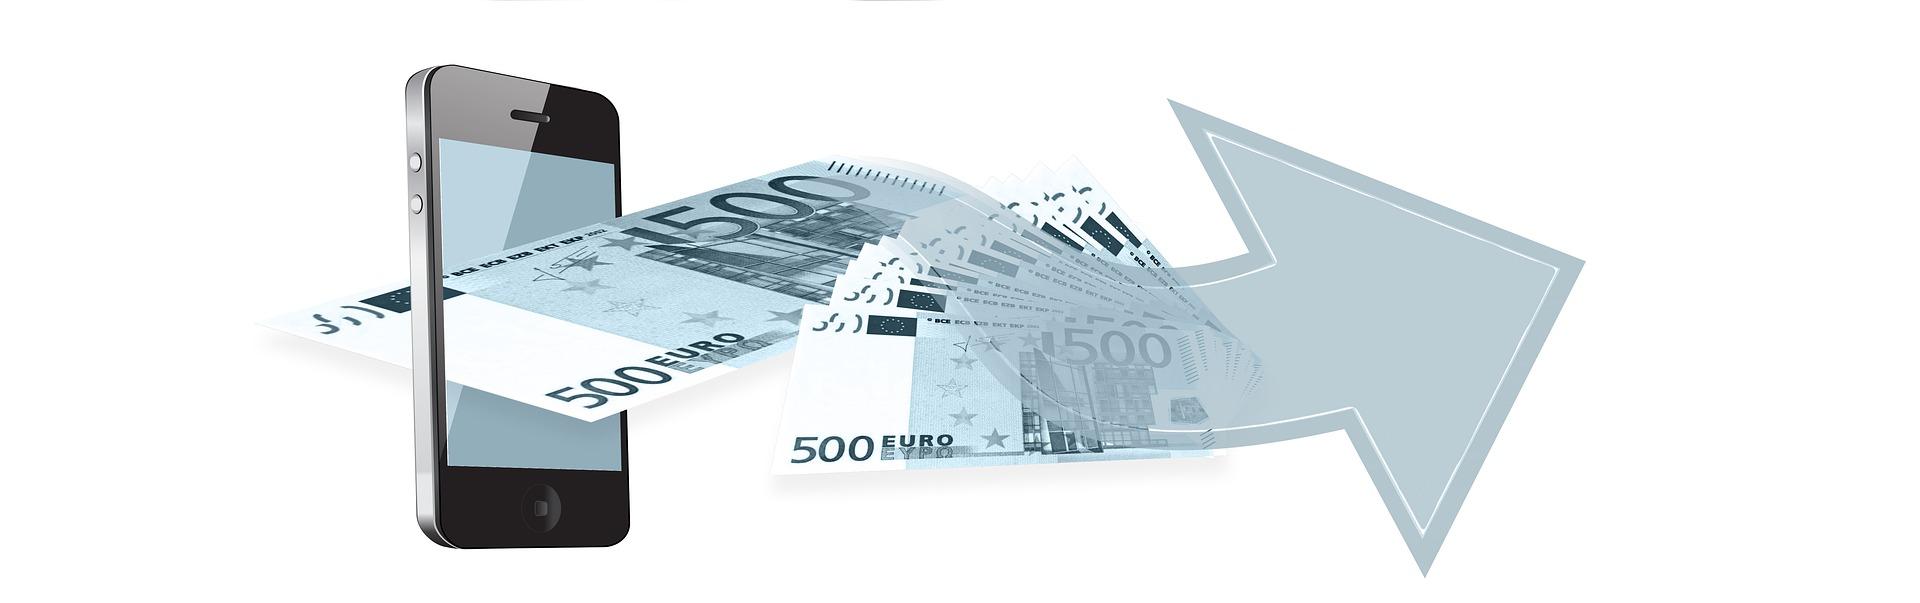 Pieniądze przez krótką wiadomość SMS